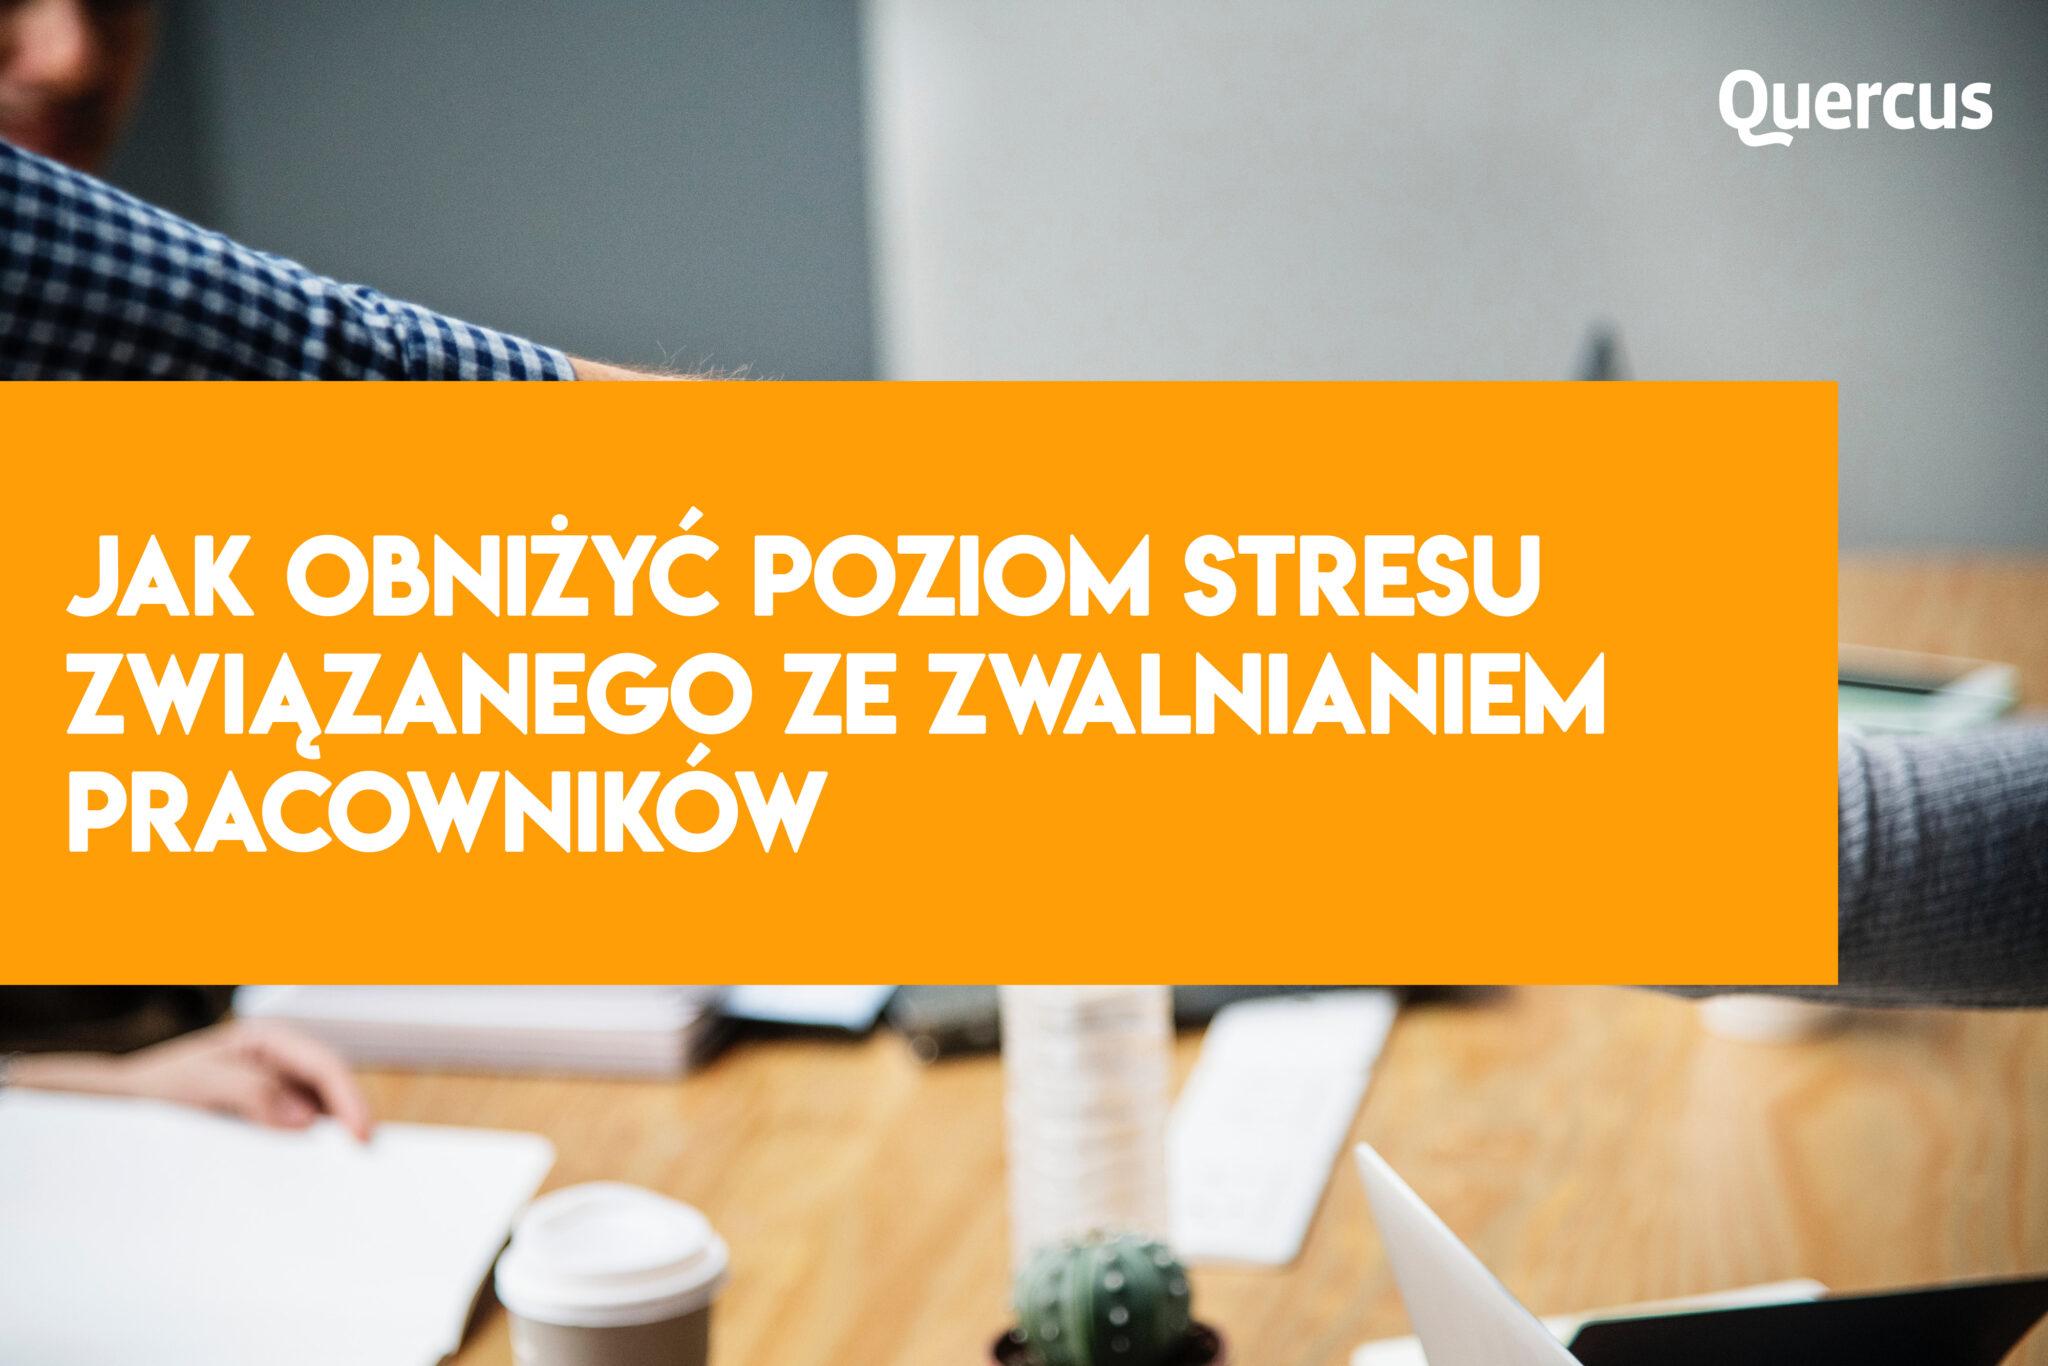 Jak obniżyć poziom stresu związanego ze zwalnianiem pracowników ?